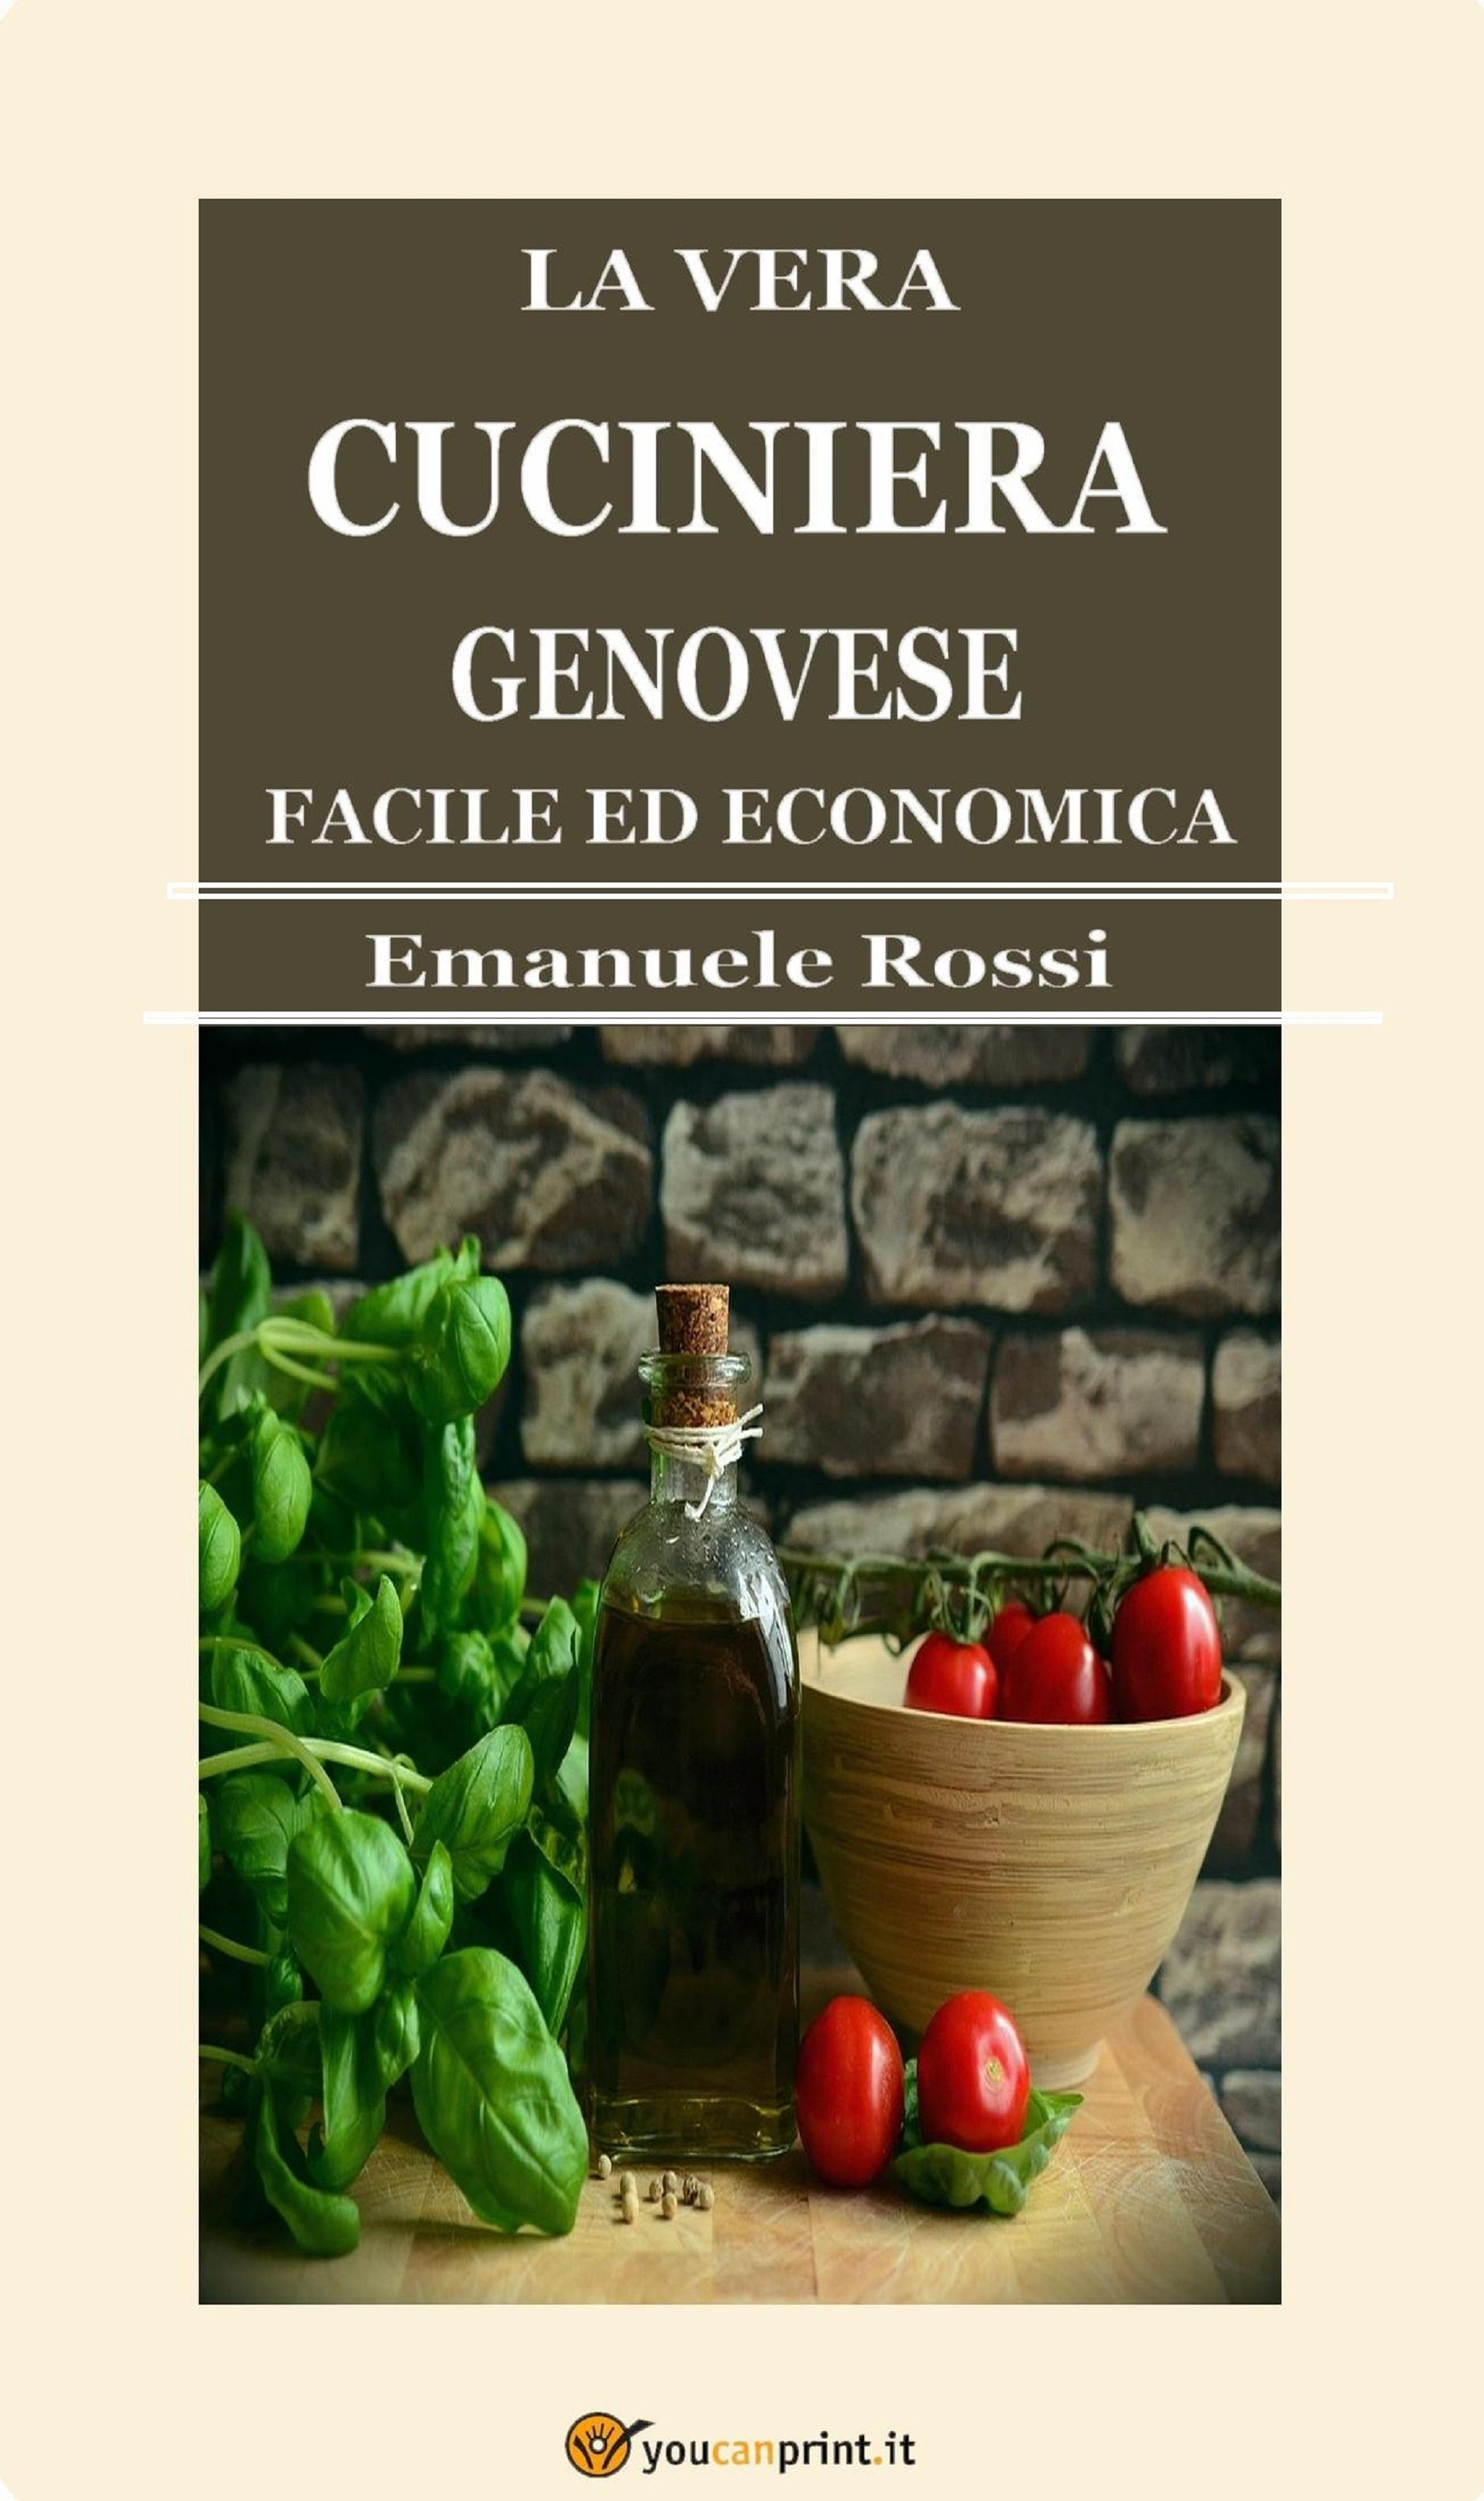 La vera cuciniera genovese facile ed economica (Edizione del 1865)